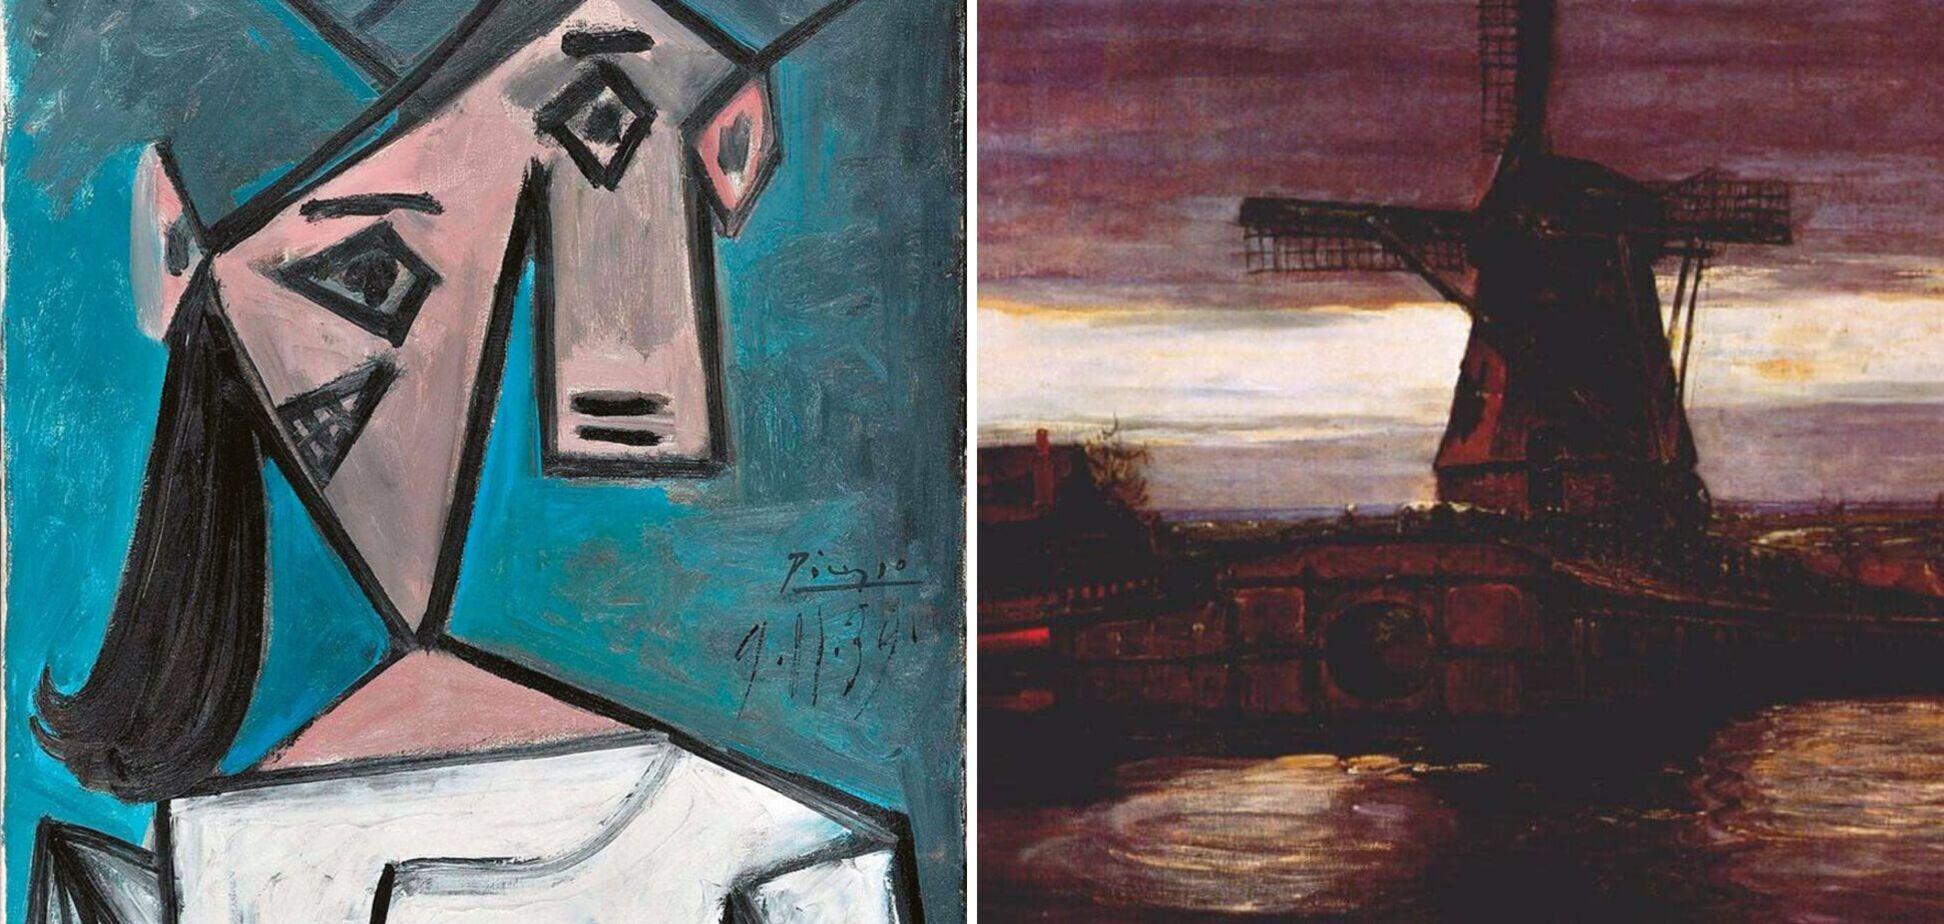 Через 9 лет нашли картины Пикассо и Мондриана, которые были украдены в Афинах